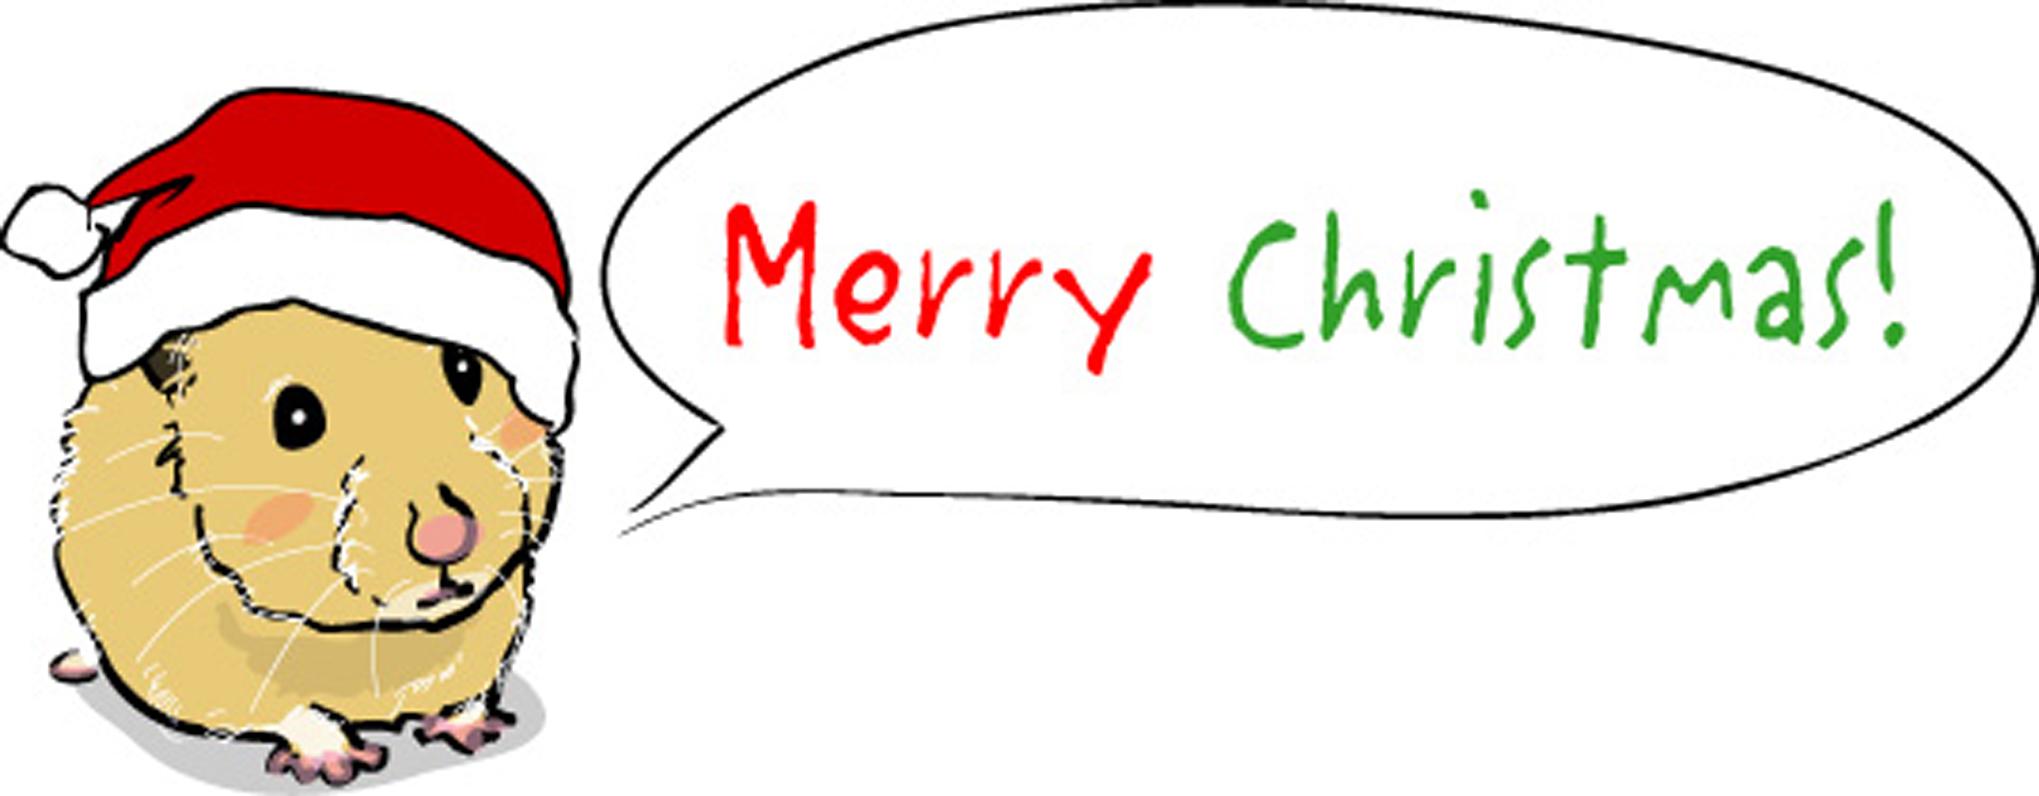 無料イラスト素材「クリスマス・ふきだしハムスター」